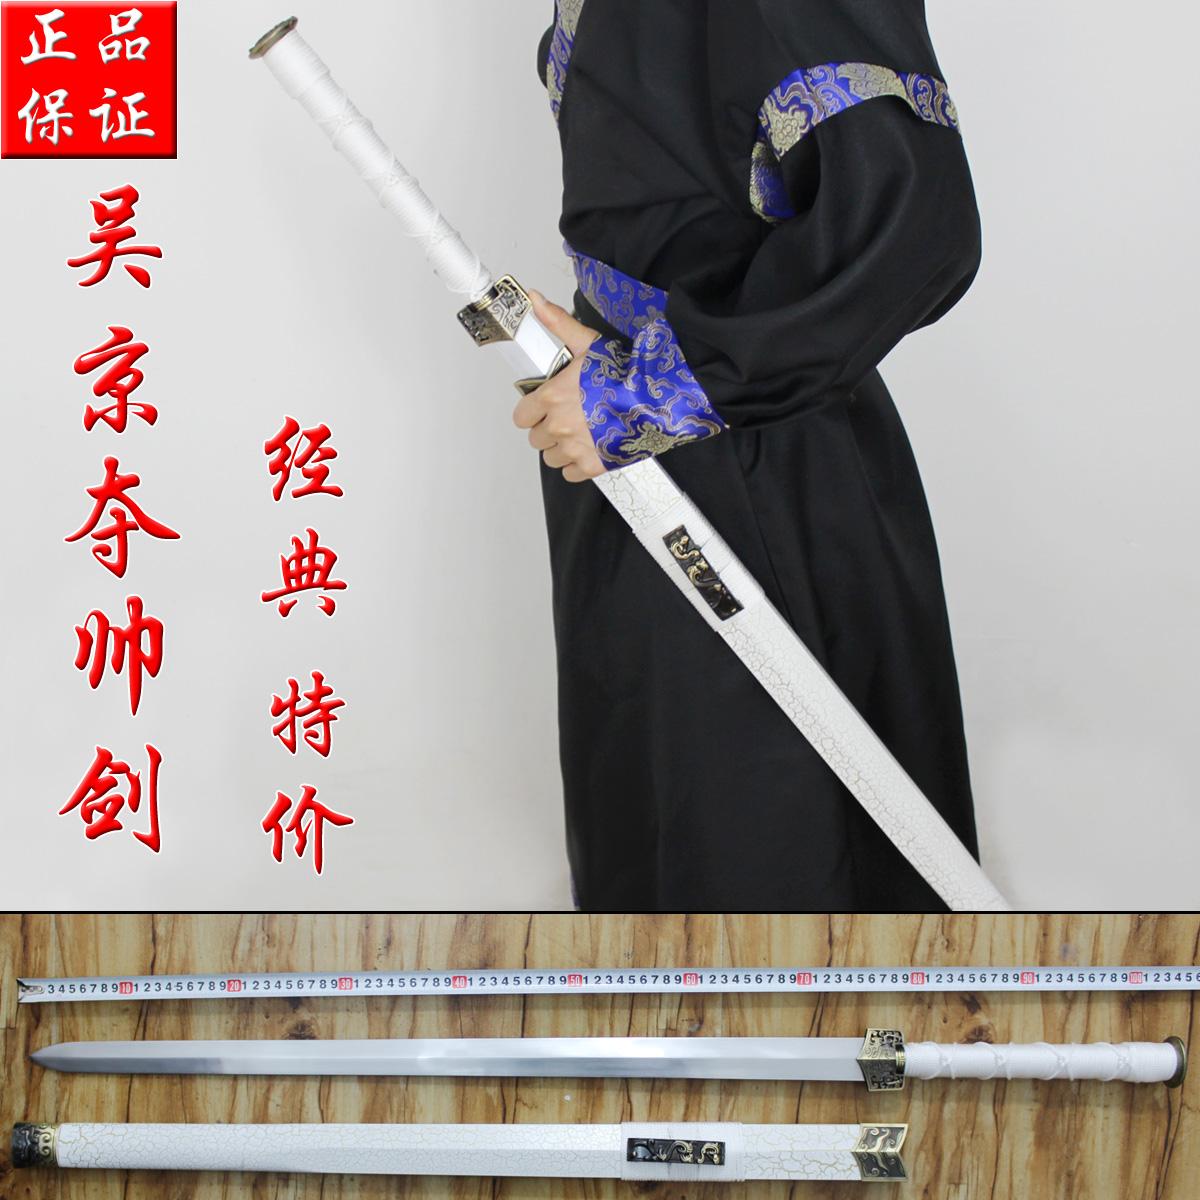 精品汉剑 装饰 收藏 镇宅 吴京夺帅剑 龙泉宝剑